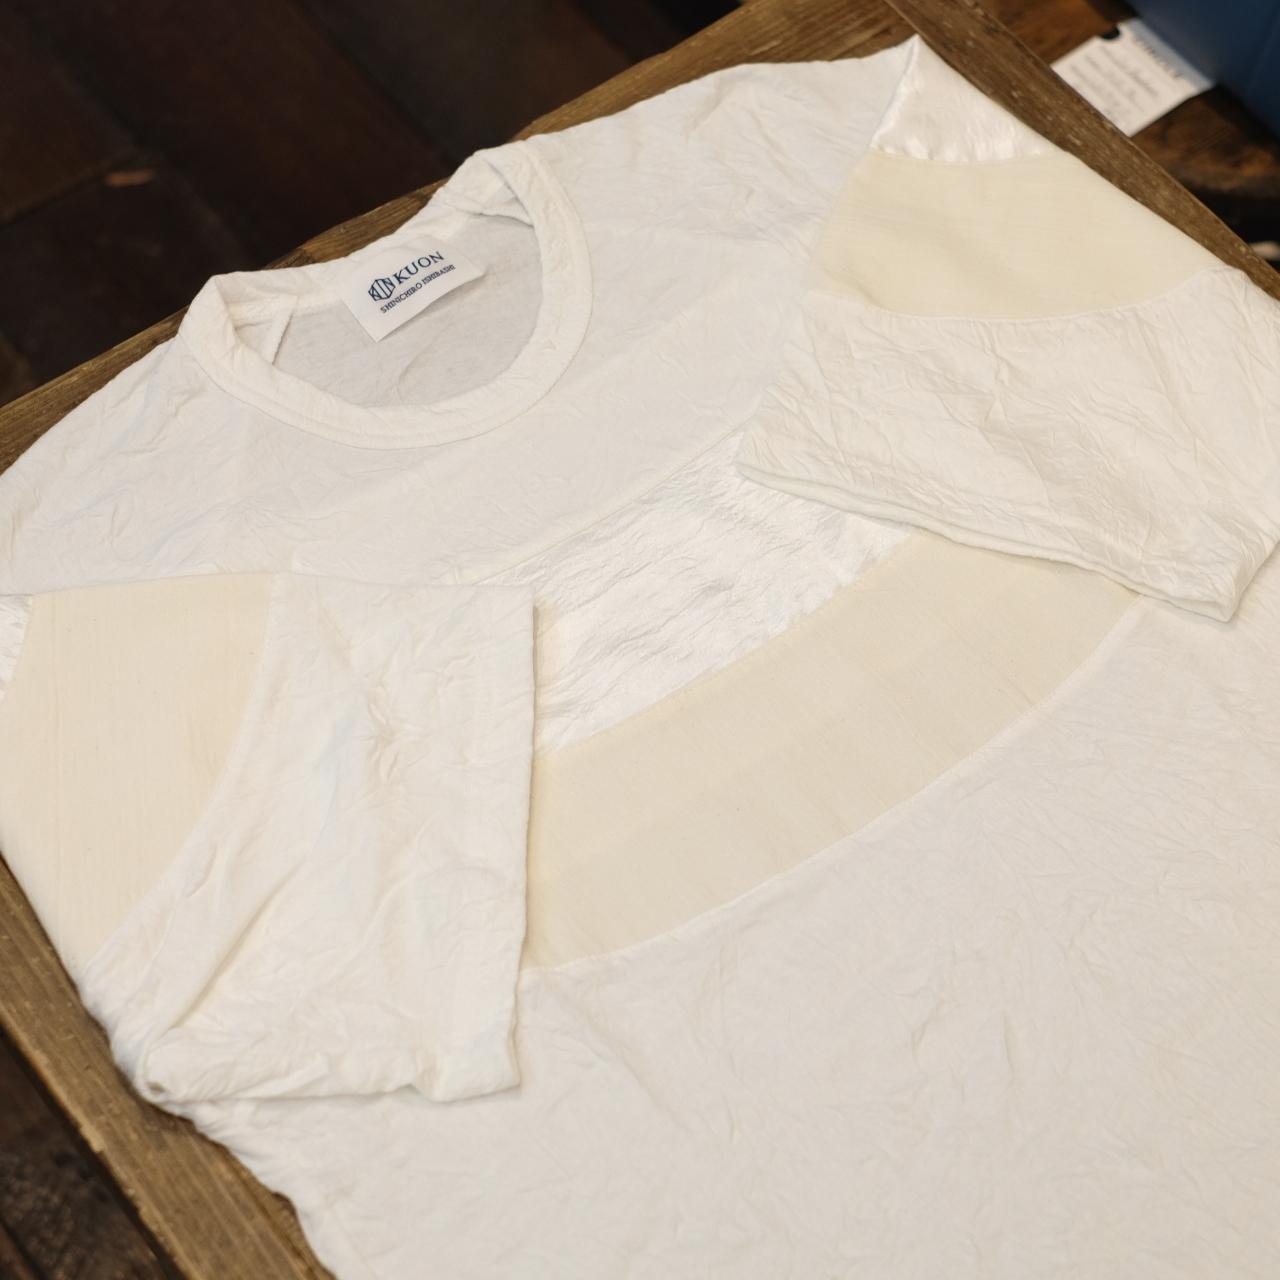 KUON(クオン) 和紙クレープ・アセテート キャップショルダーリンクルTシャツ ホワイト